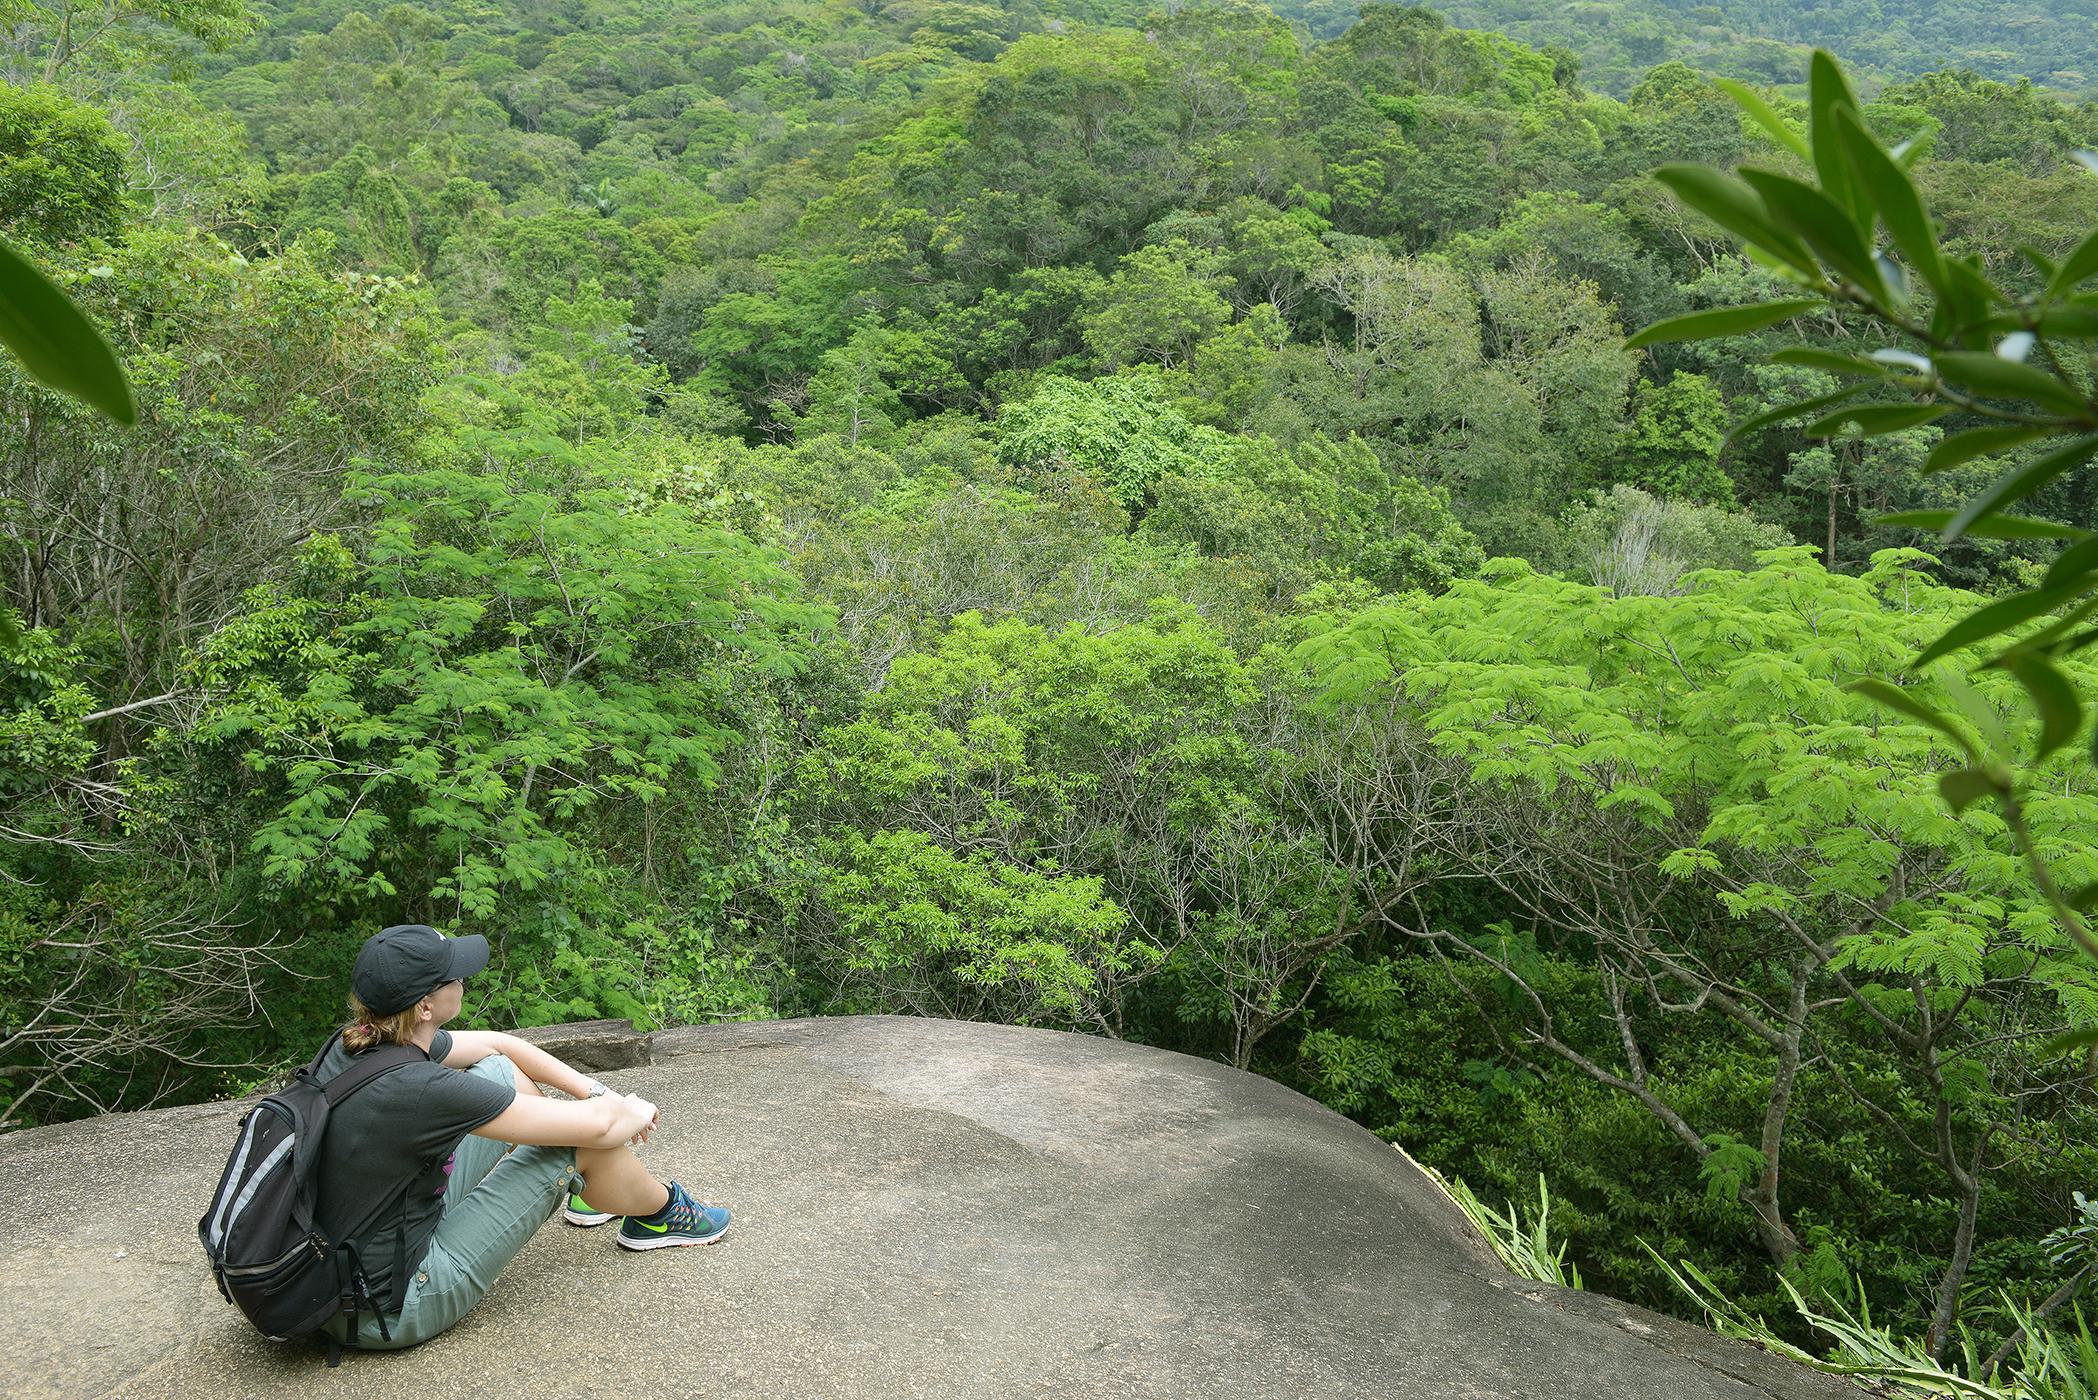 matkblogi, vaellus, metsä yksinmatkailu, luonto, brasilia